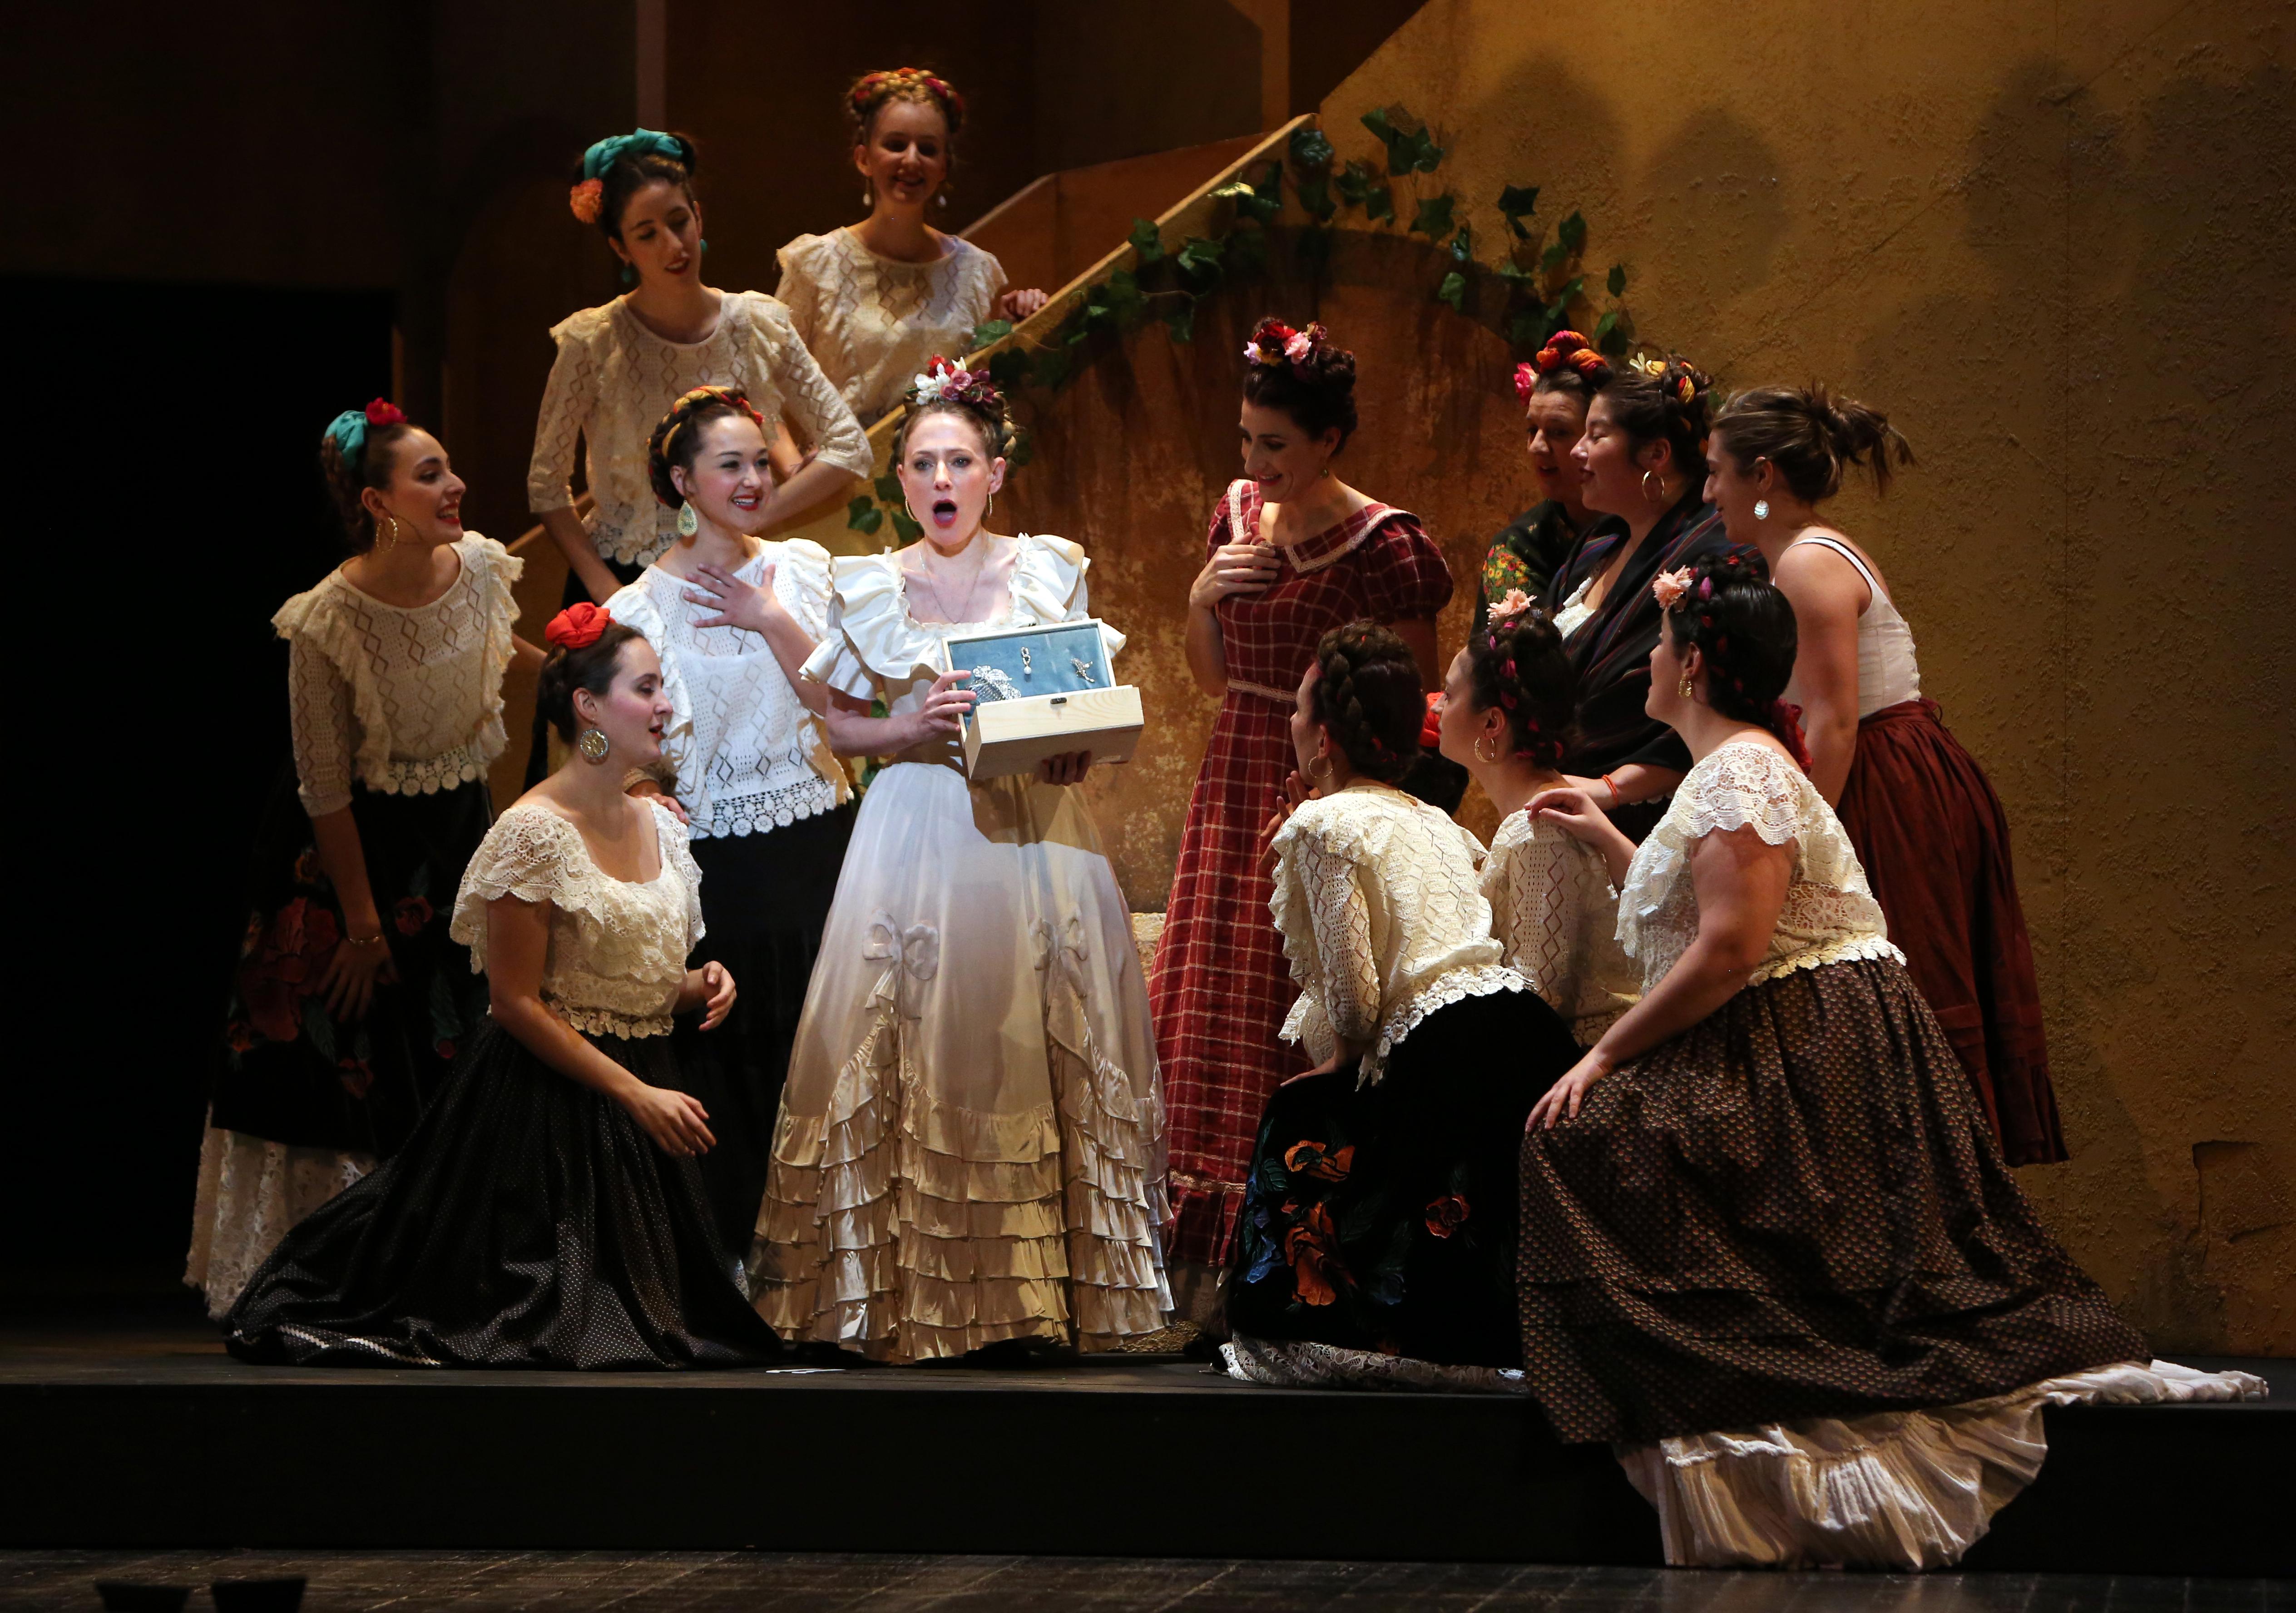 La Malquerida de Penella en los Teatros del Canal. Foto: Jaime Villanueva